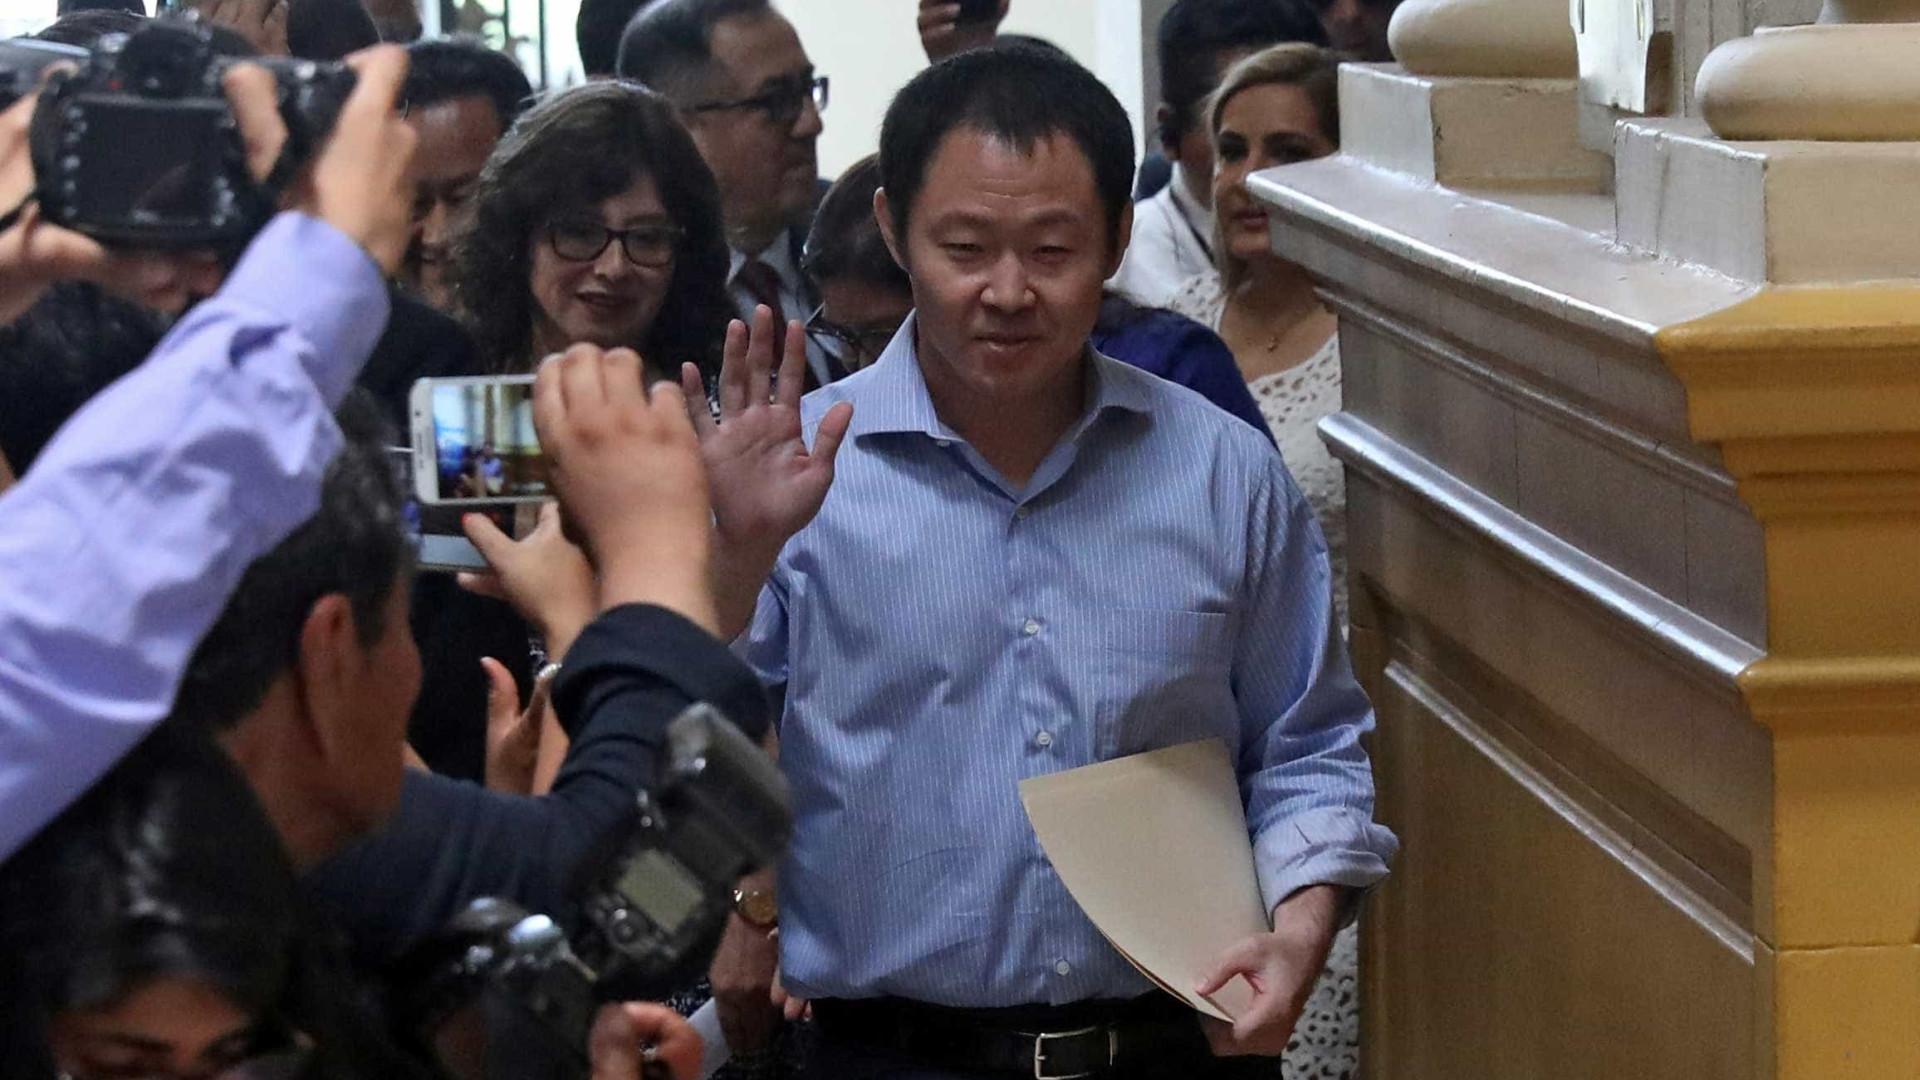 Congresso peruano suspende e denuncia filho de Alberto Fujimori